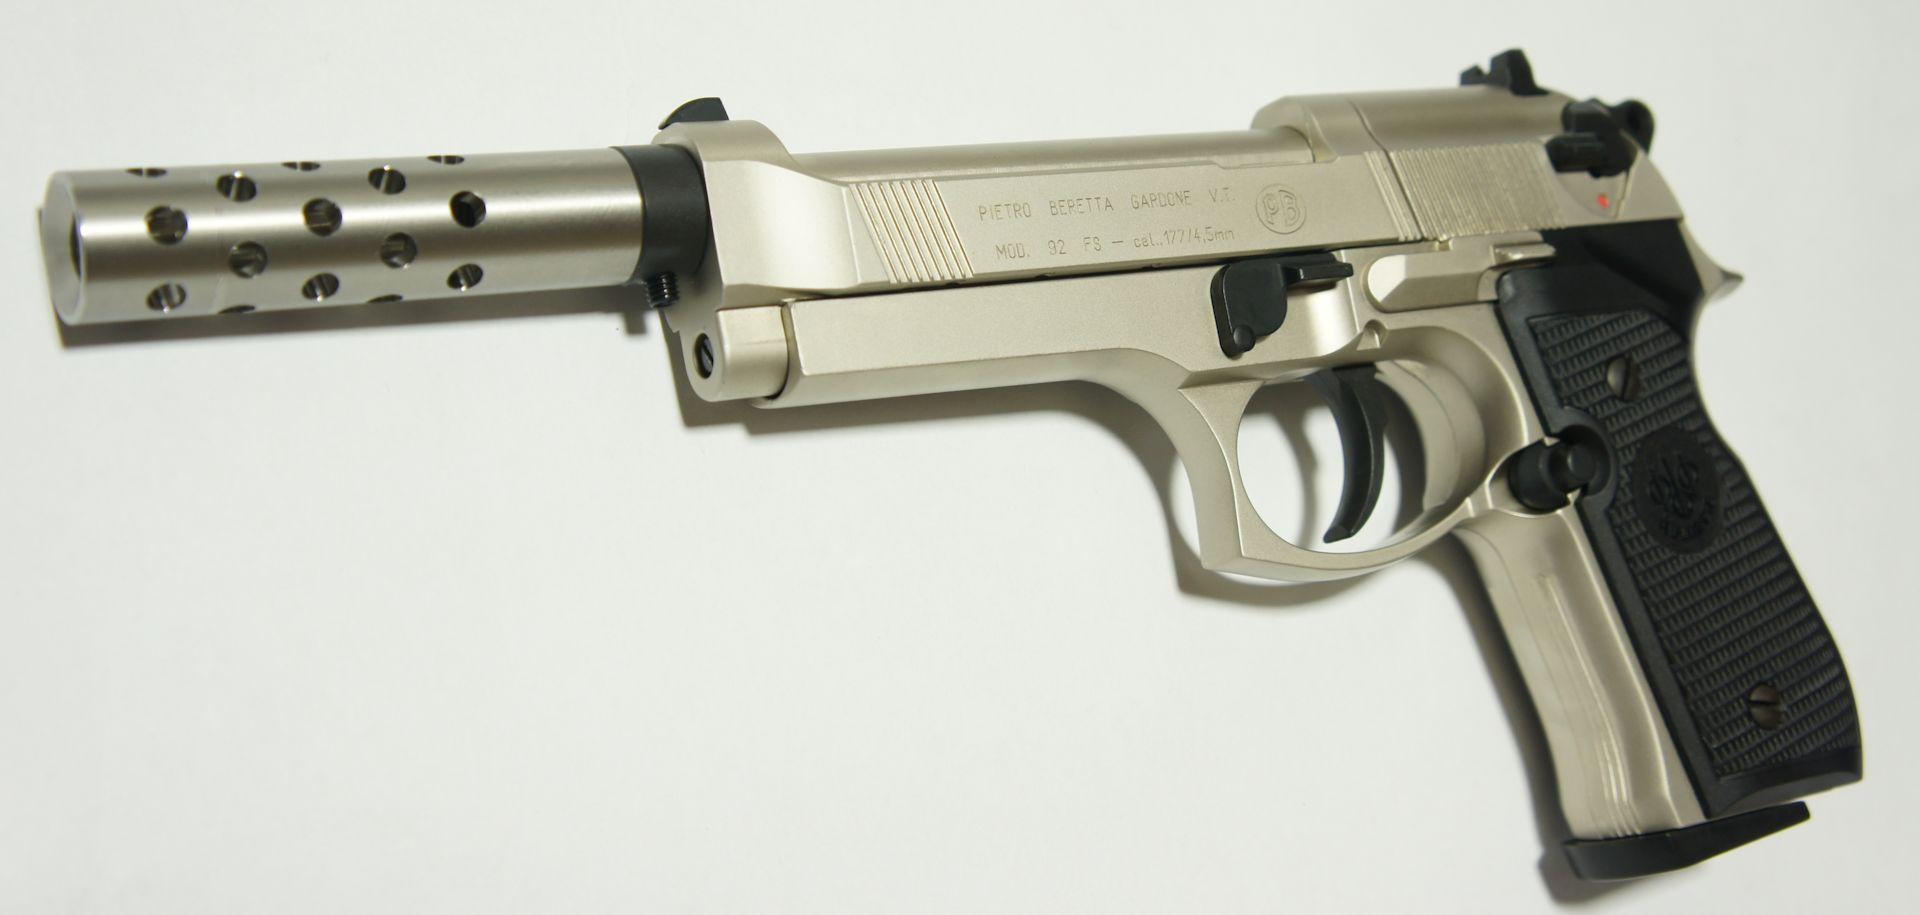 Bei dieser CO2 Pistole Beretta wird als Montagebeispiel gezeigt, dass als Zubehör hier auch  ein <a href=1165811.htm>Kompensator </a> mittels <a href=1165832.htm>Adapter </a>passt.